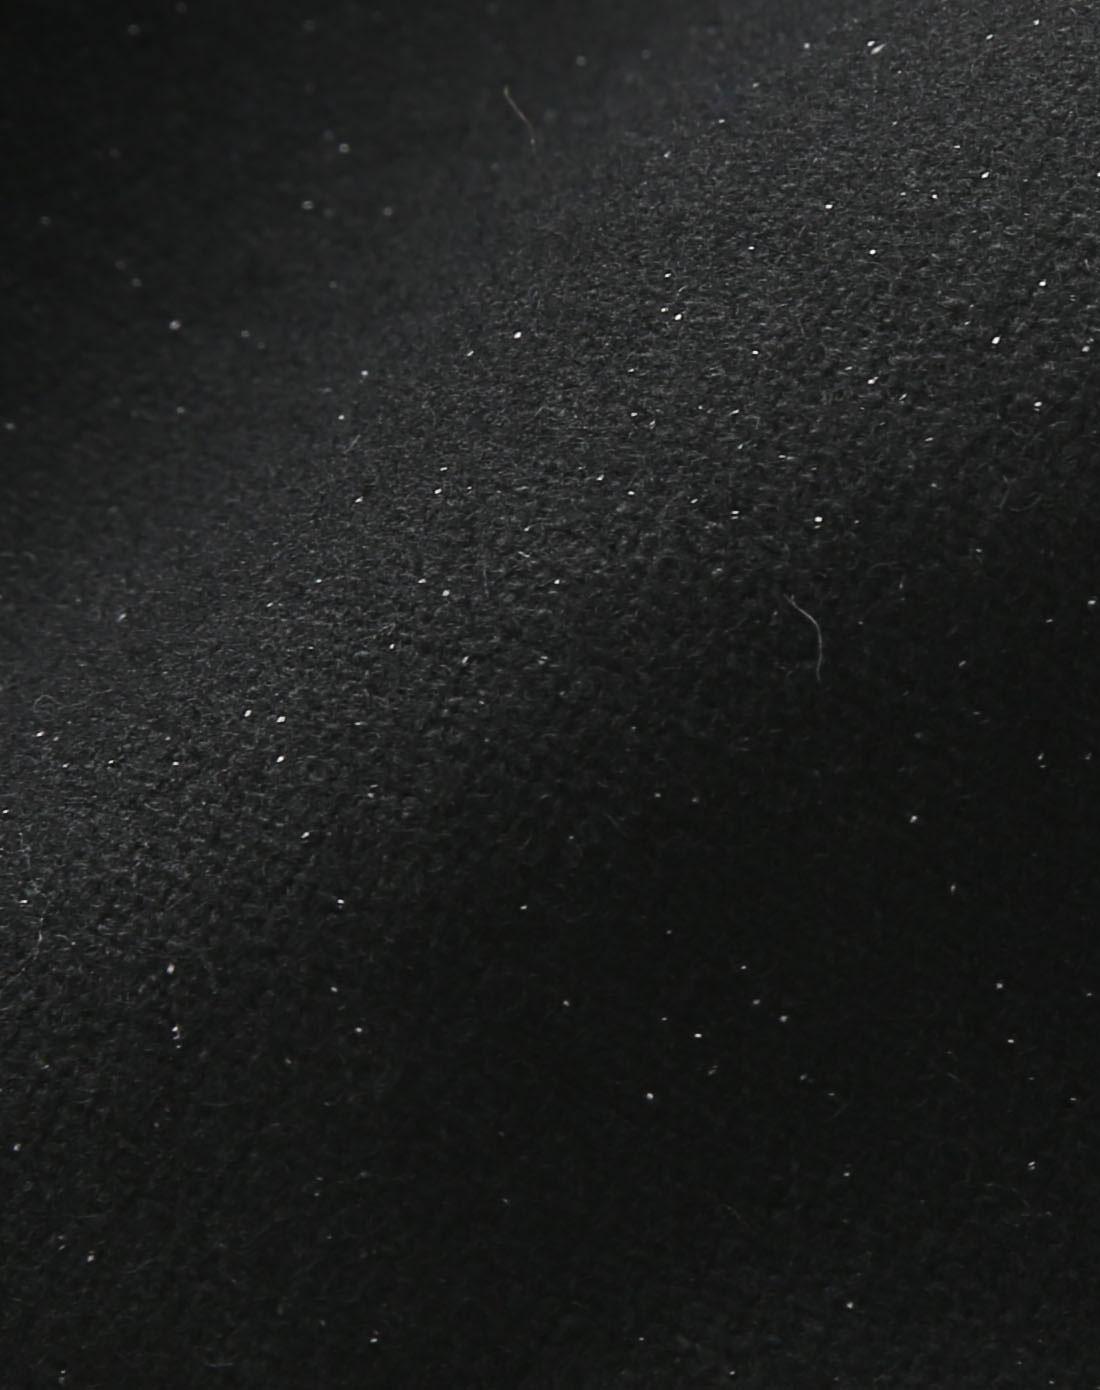 竖屏壁纸黑色风景